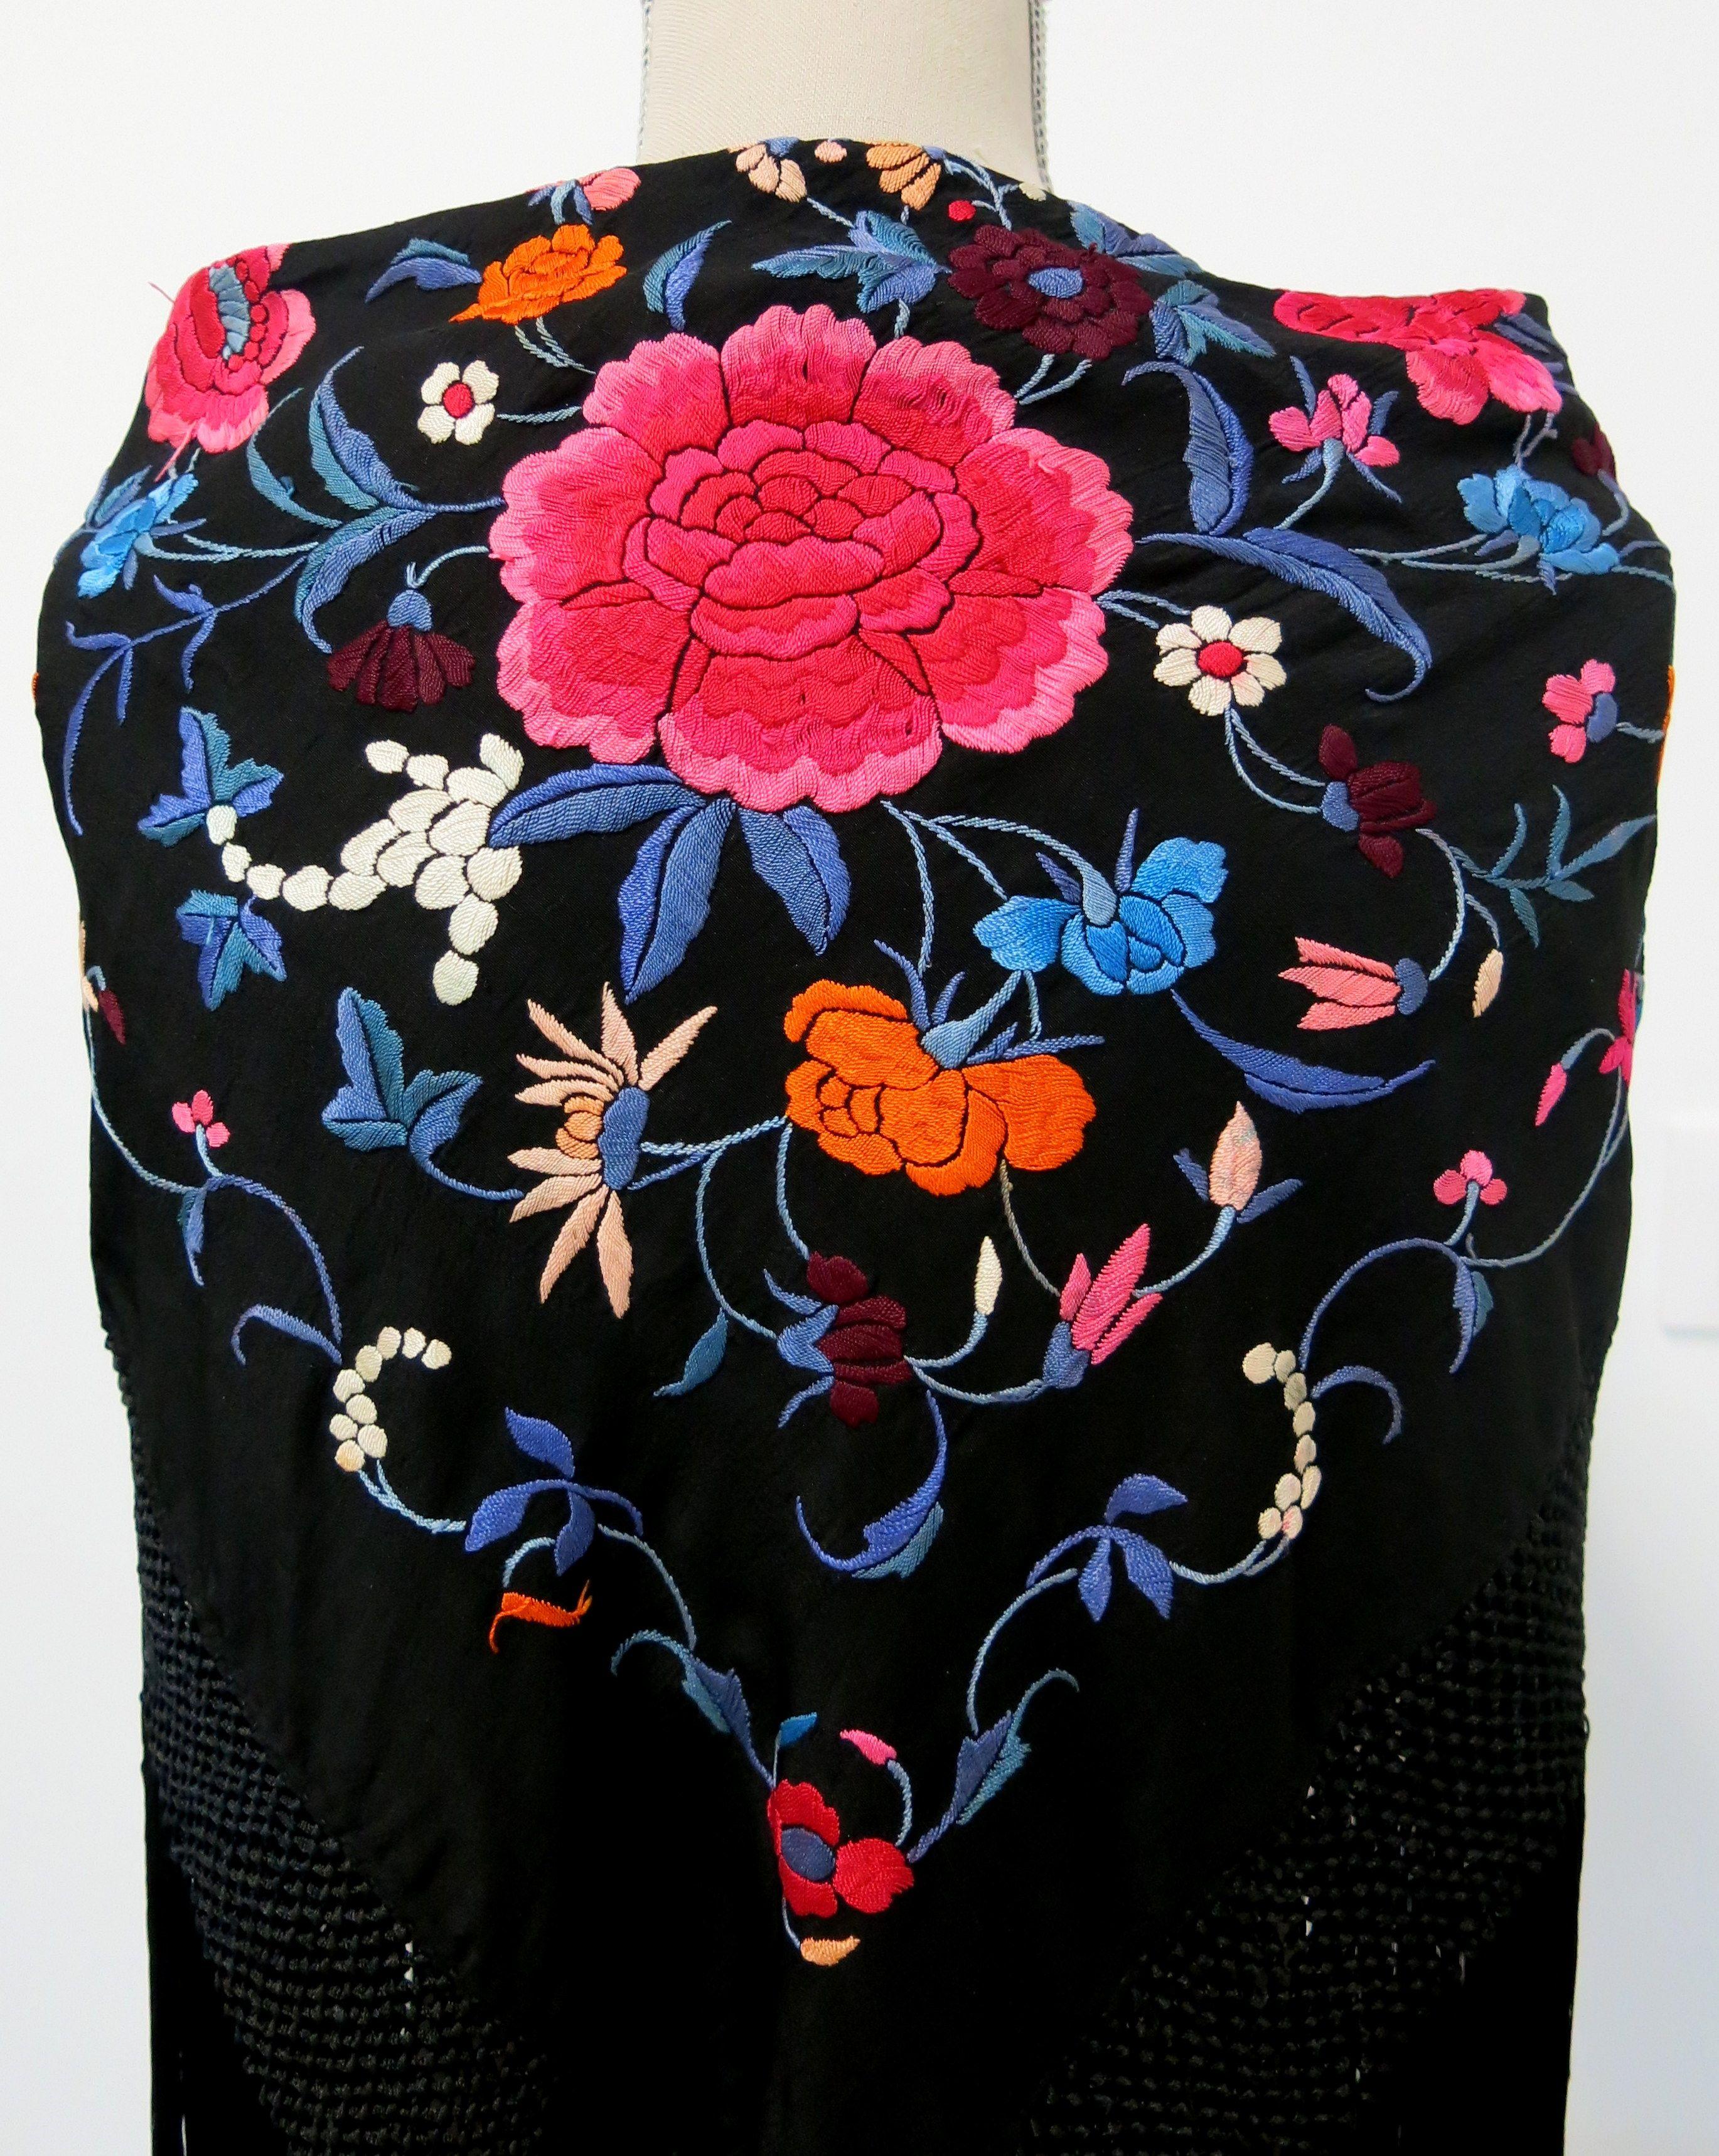 Antiguo mantoncillo negro bordado en colores.  antigüedades  antiques   mantones  feria  flamenca  sevilla  gitana 4490b6fb28c